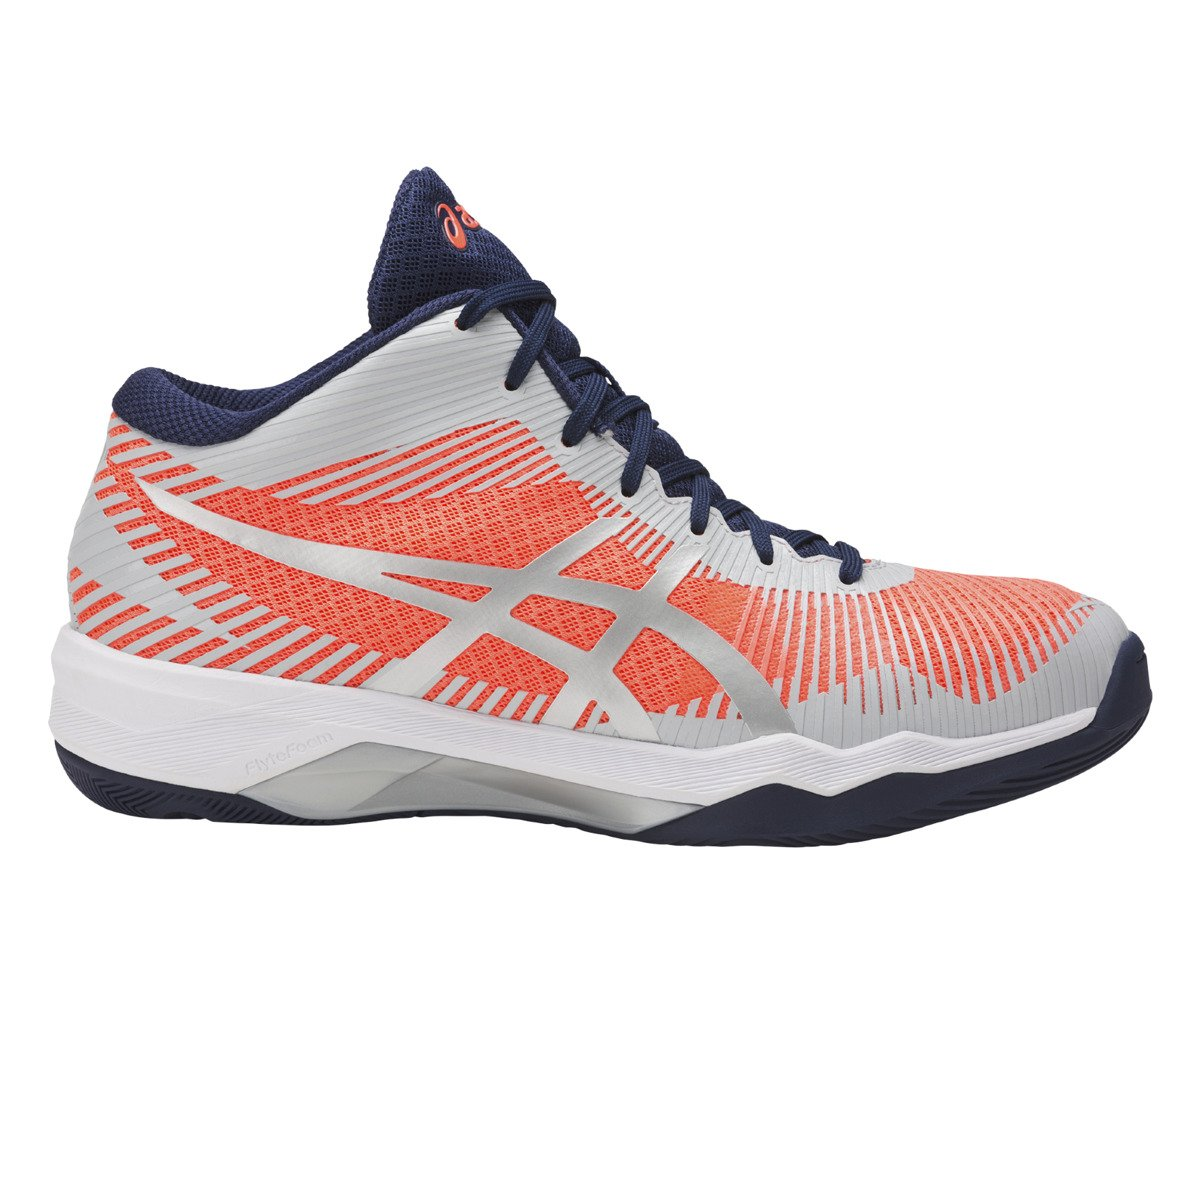 dd702cbf Buty do siatkówki damskie Asics Gel Volley Elite FF MT (B750N - 0696)| -  Sklep sportowy rsvolley.pl